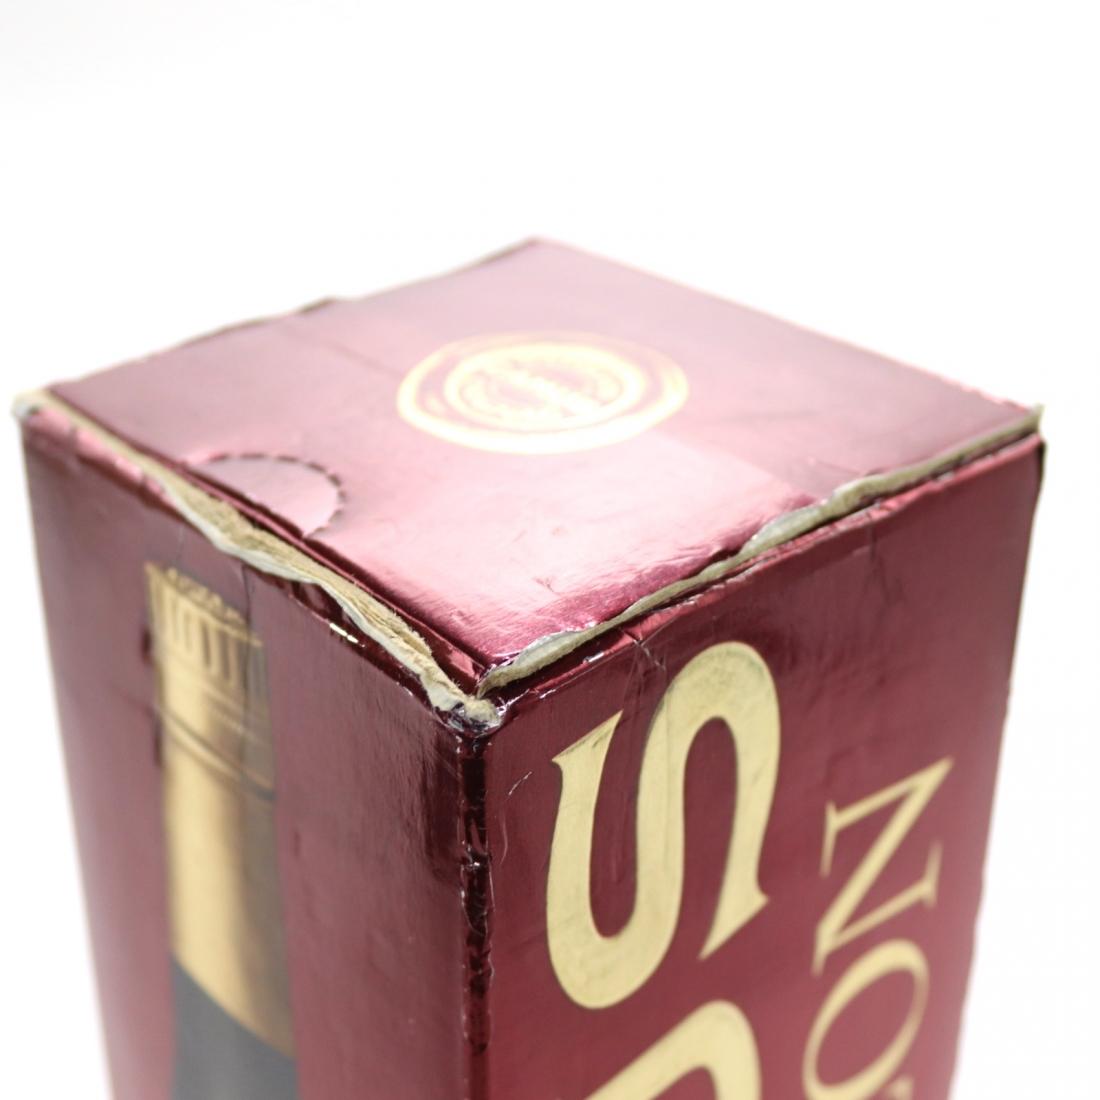 Camus Napoleon La Grande Marque Cognac 1970s / German Import